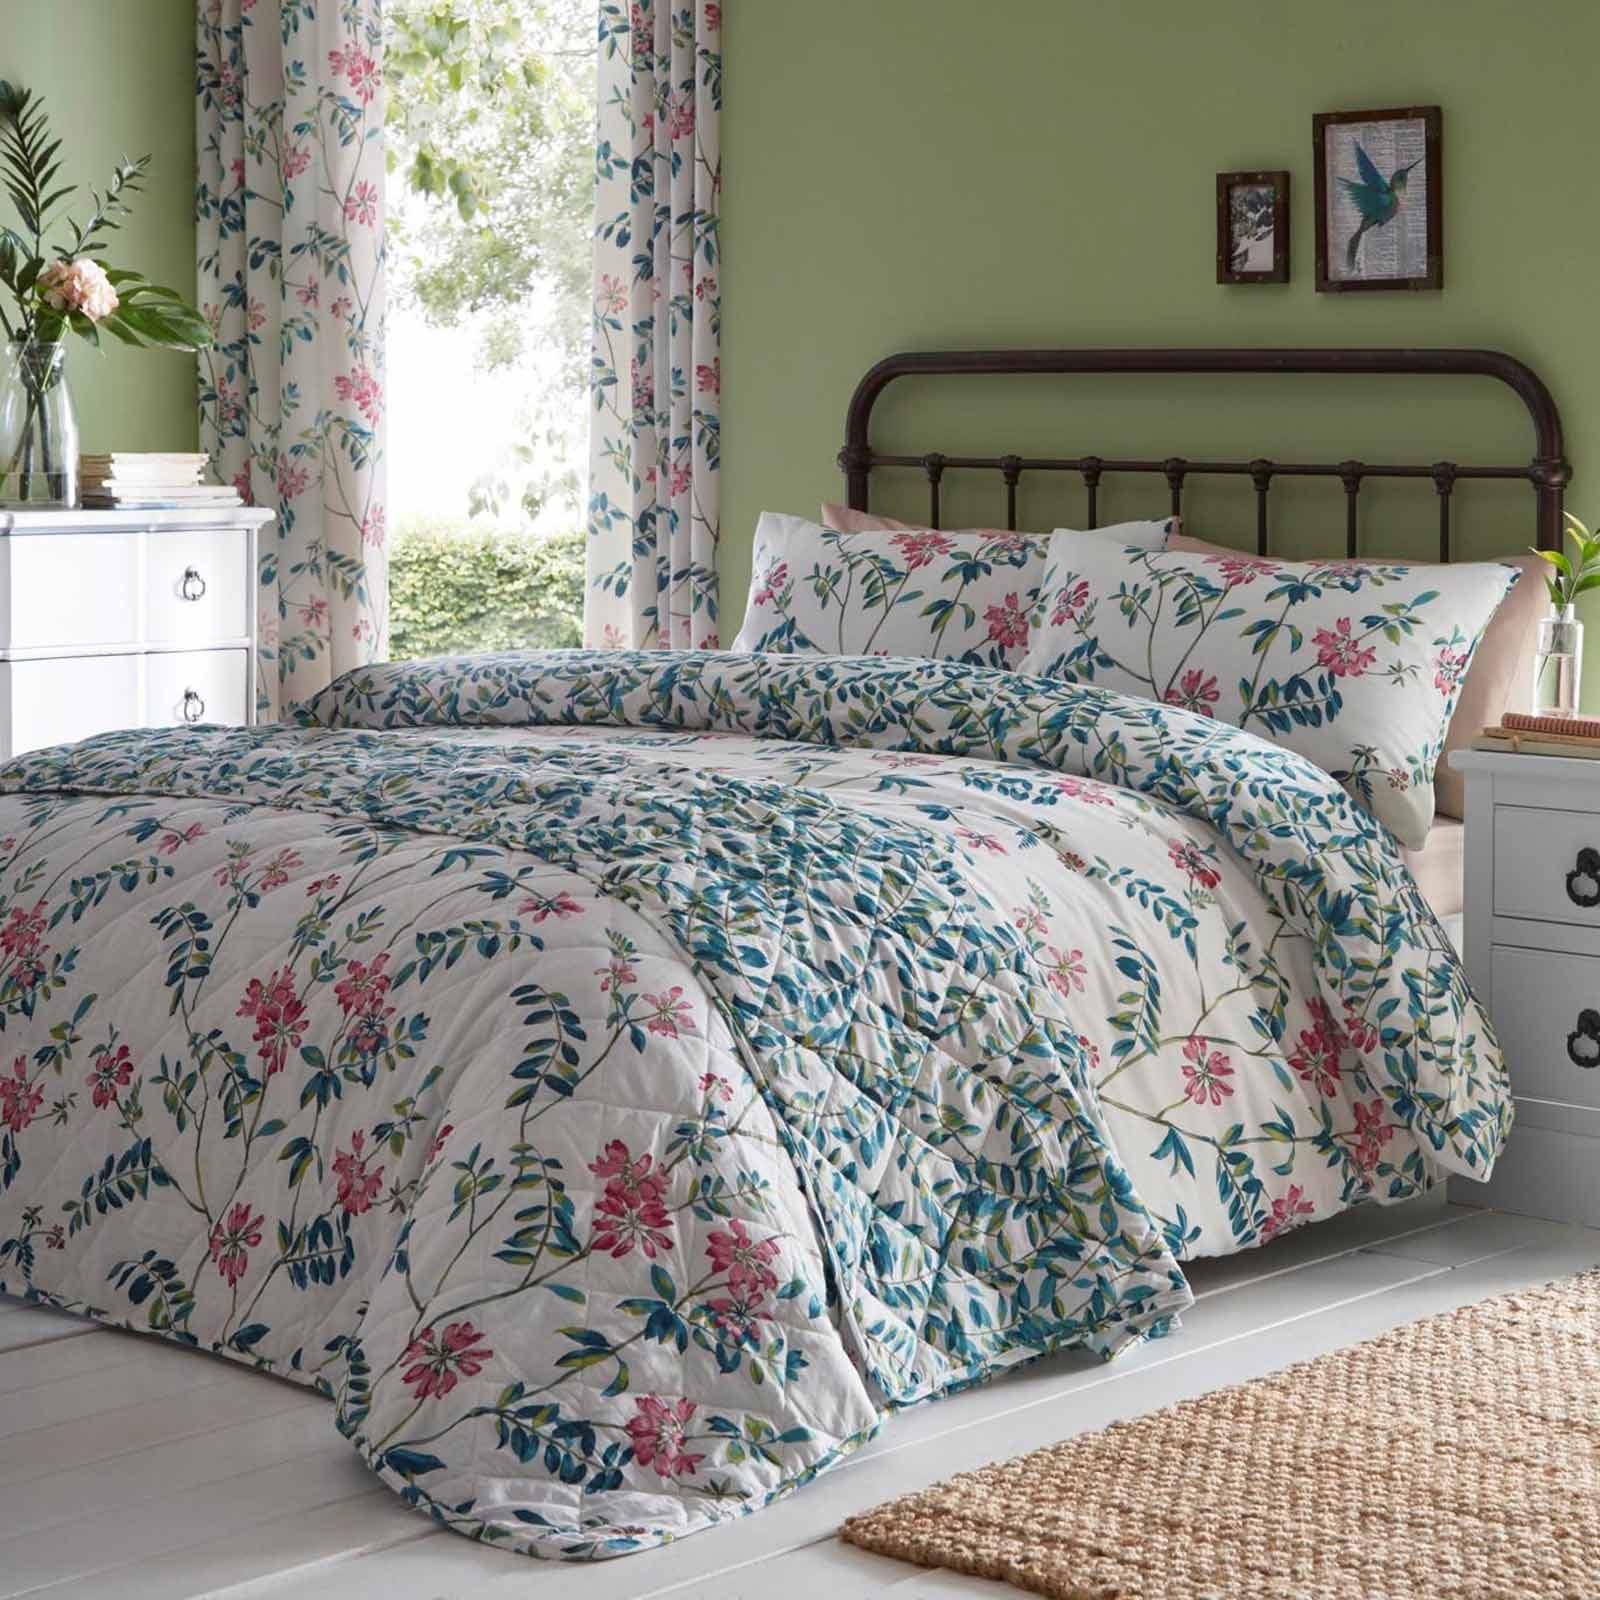 Teal Duvet Covers Marinelli Vintage Floral Printed Easy Care Quilt Bedding Sets Duvet Covers Bedding Sets